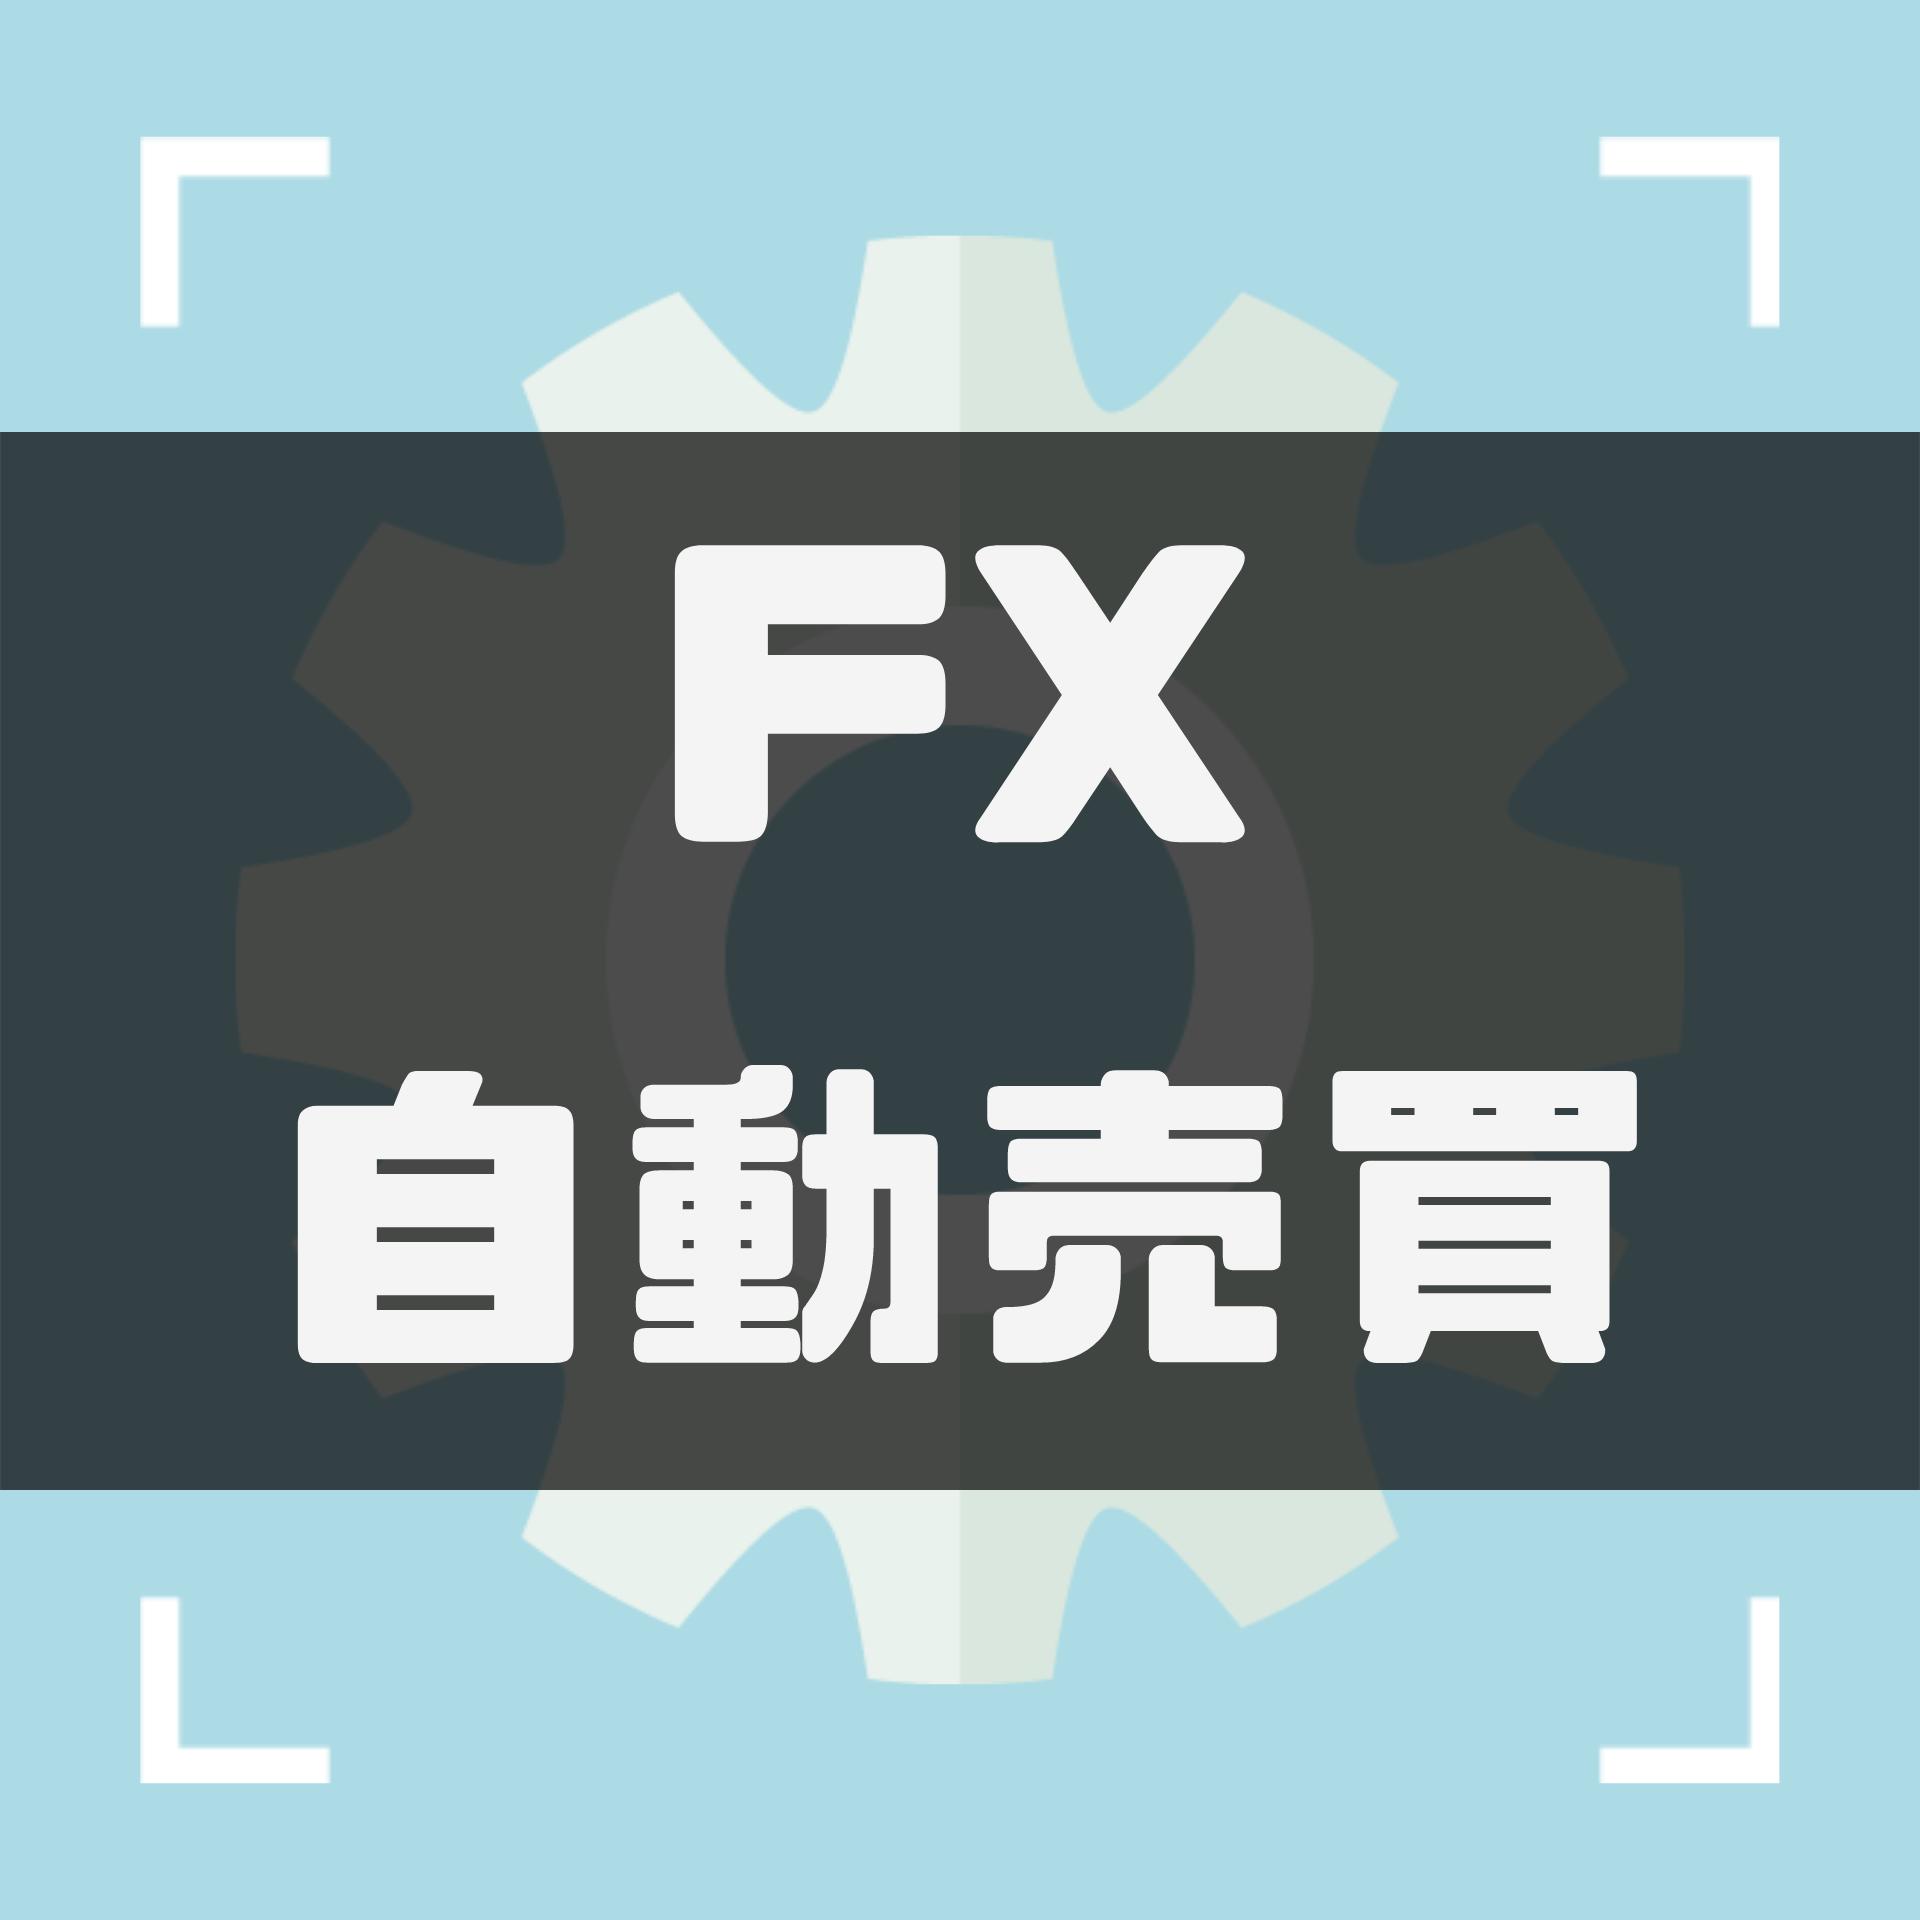 FXの自動売買とは?仕組みや種類、メリット・デメリットを解説|おすすめ自動売買システムもランキングで紹介